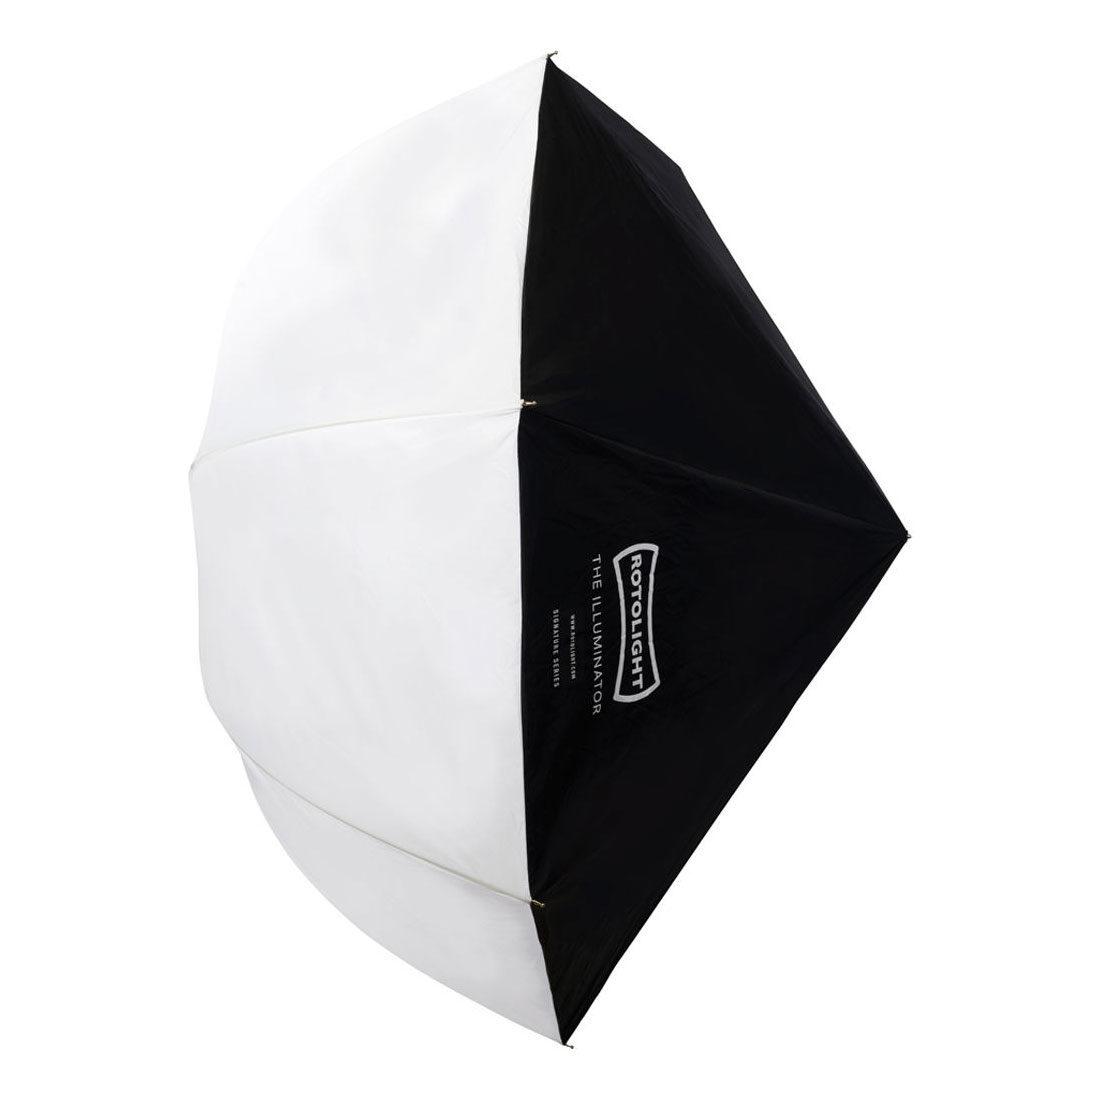 Rotolight Illuminator Light Modifier + Umbrella Mount